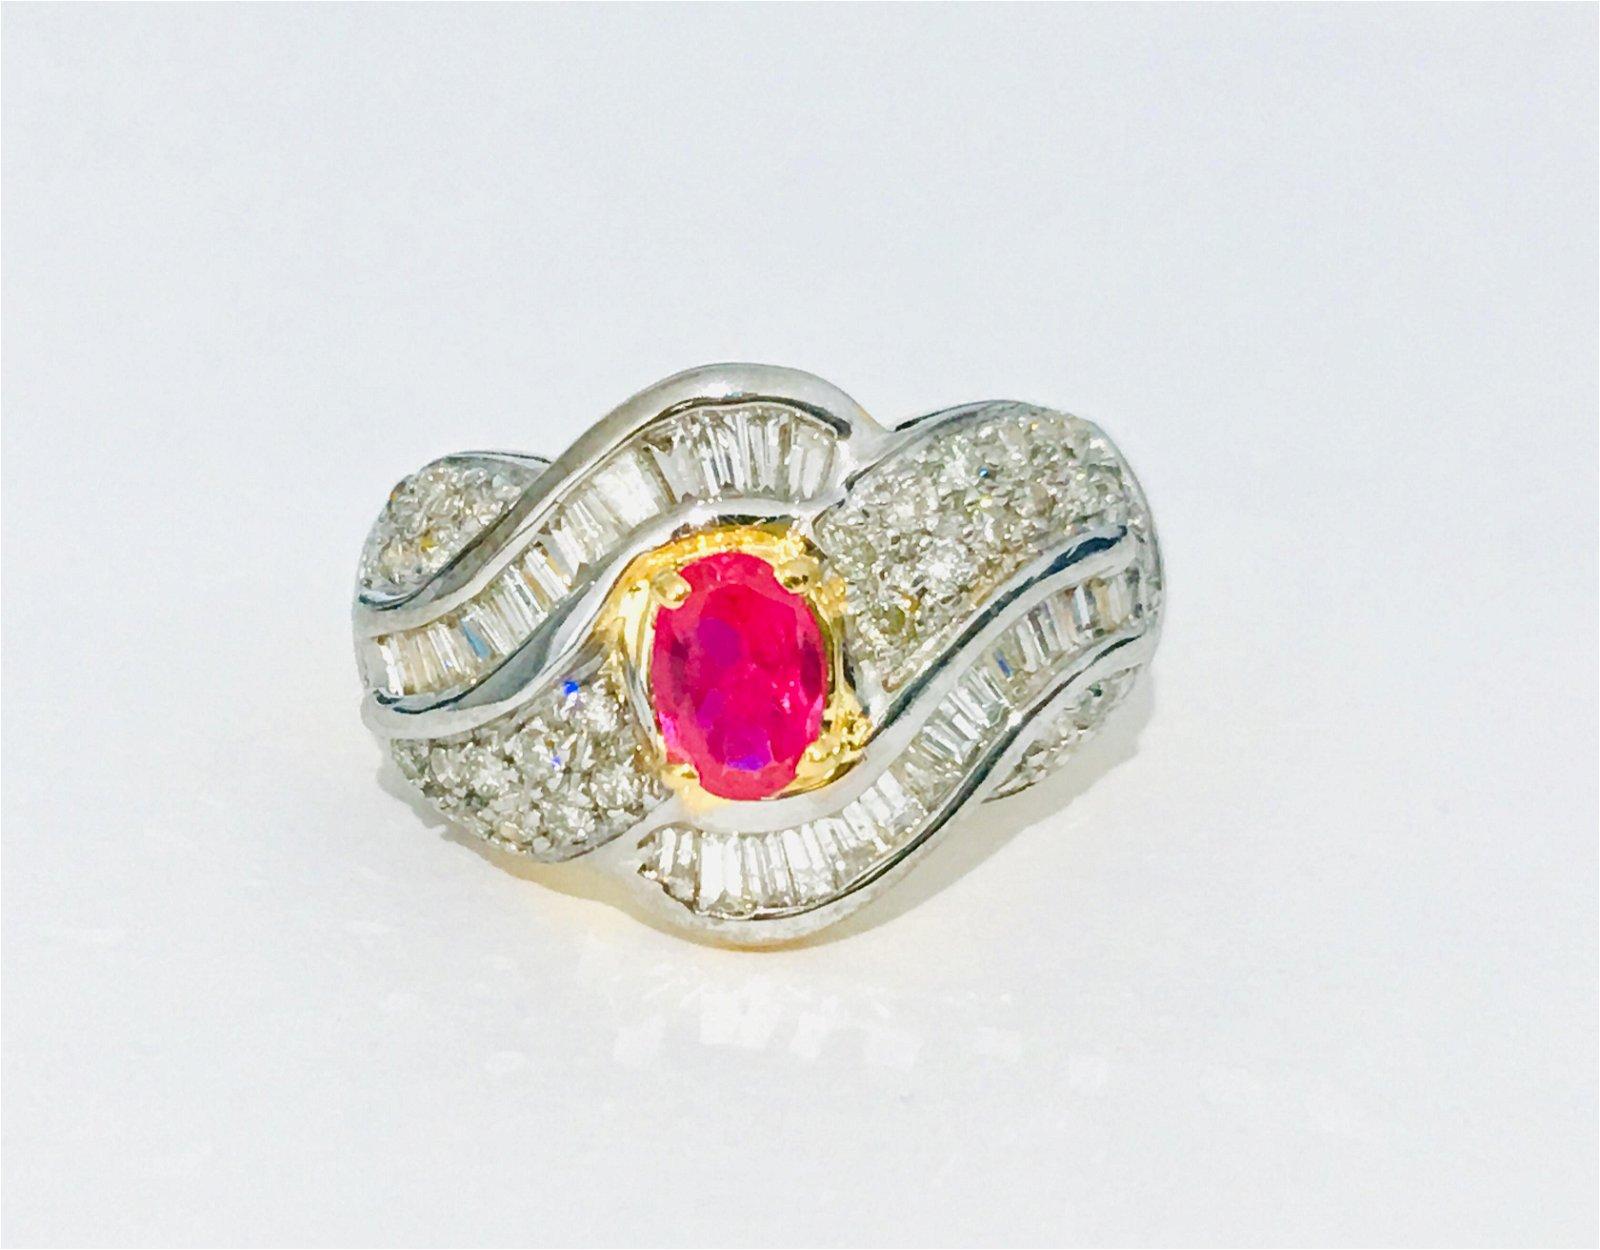 Vintage 14k Gold, 2.70 Carat Ruby & Diamond Ring